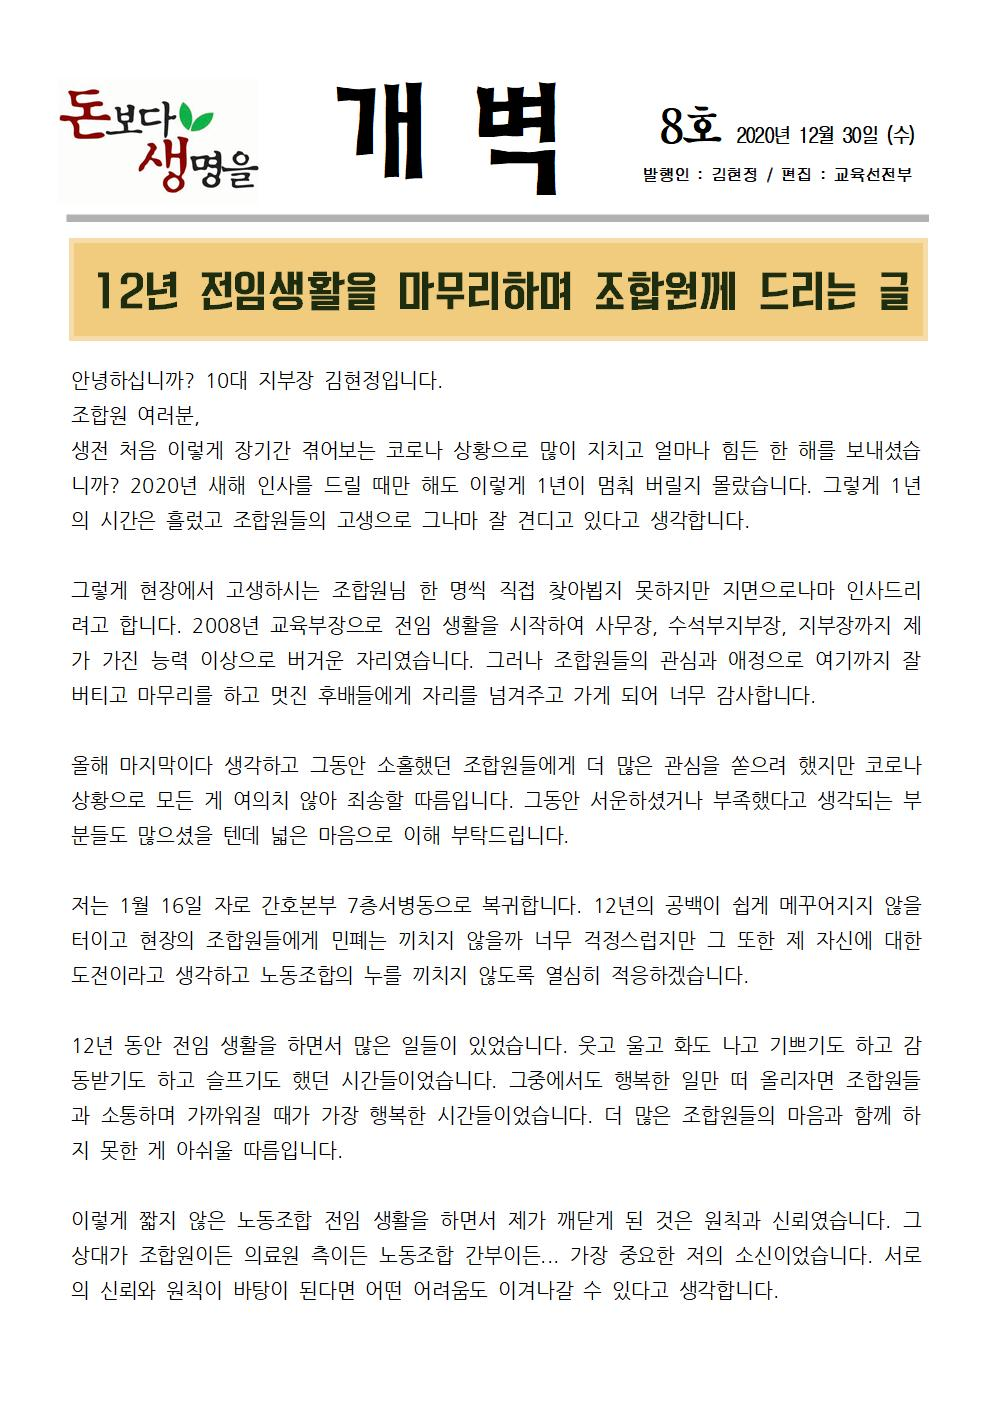 2020 개벽지8호(12월 30일)001.jpg